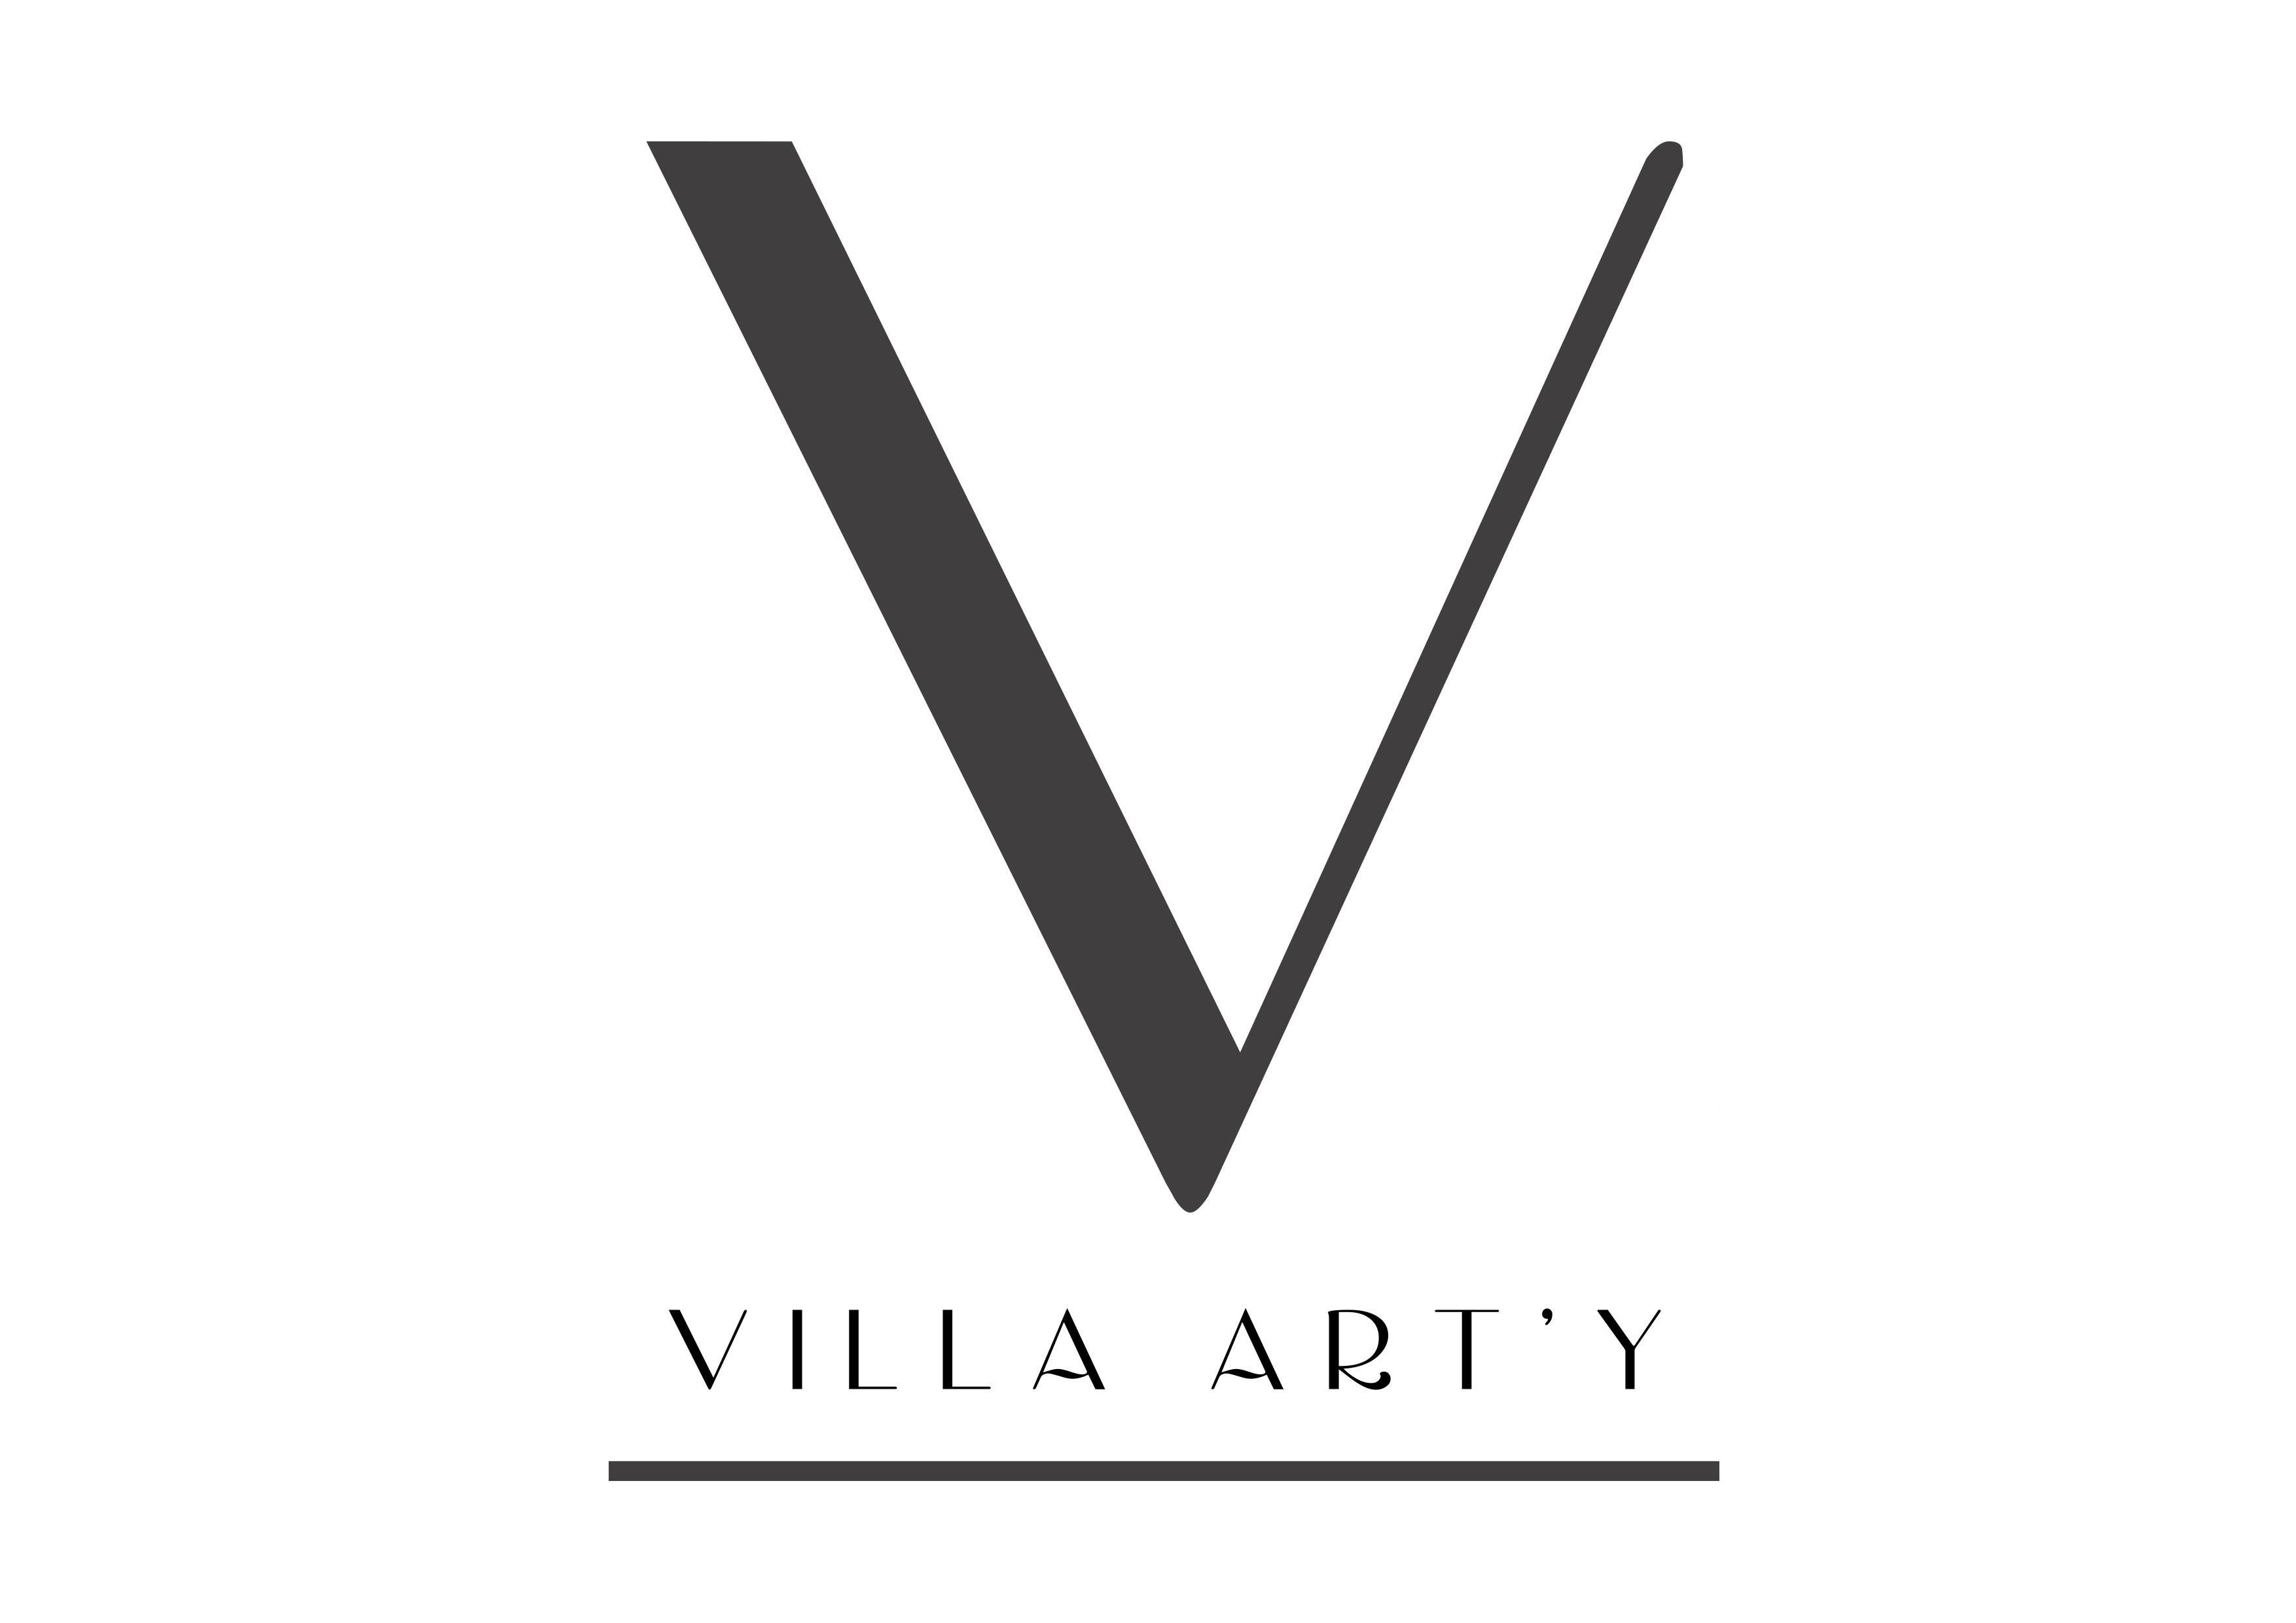 VILLA ART'Y